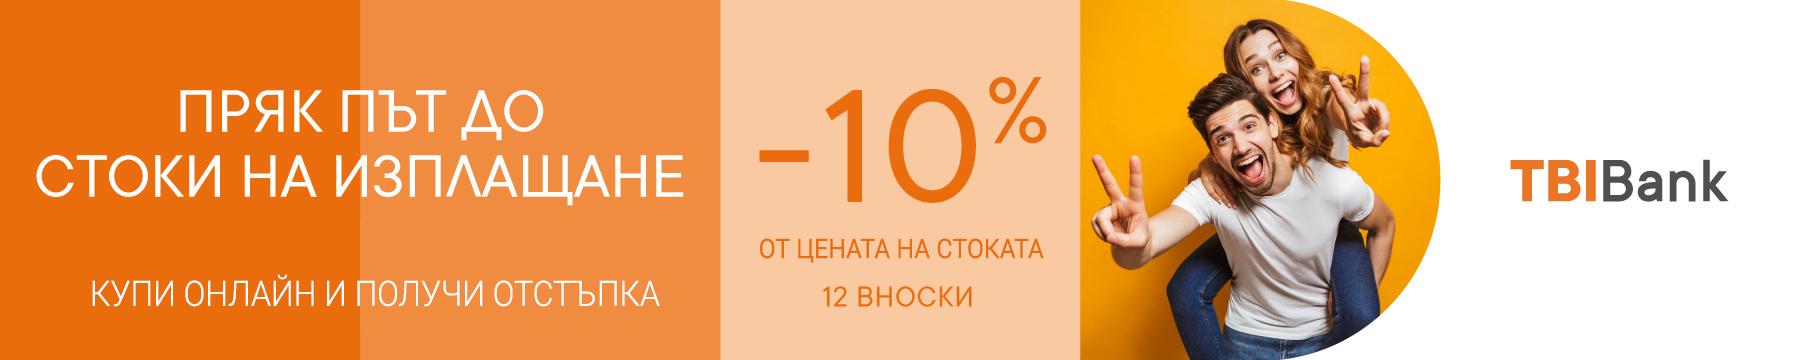 Поръчай продукт до края на м. ноември 2019г. и получи 10% отстъпка от цената при покупка на изплащане с TBI Банк за 12 месечна схема на погасяване.